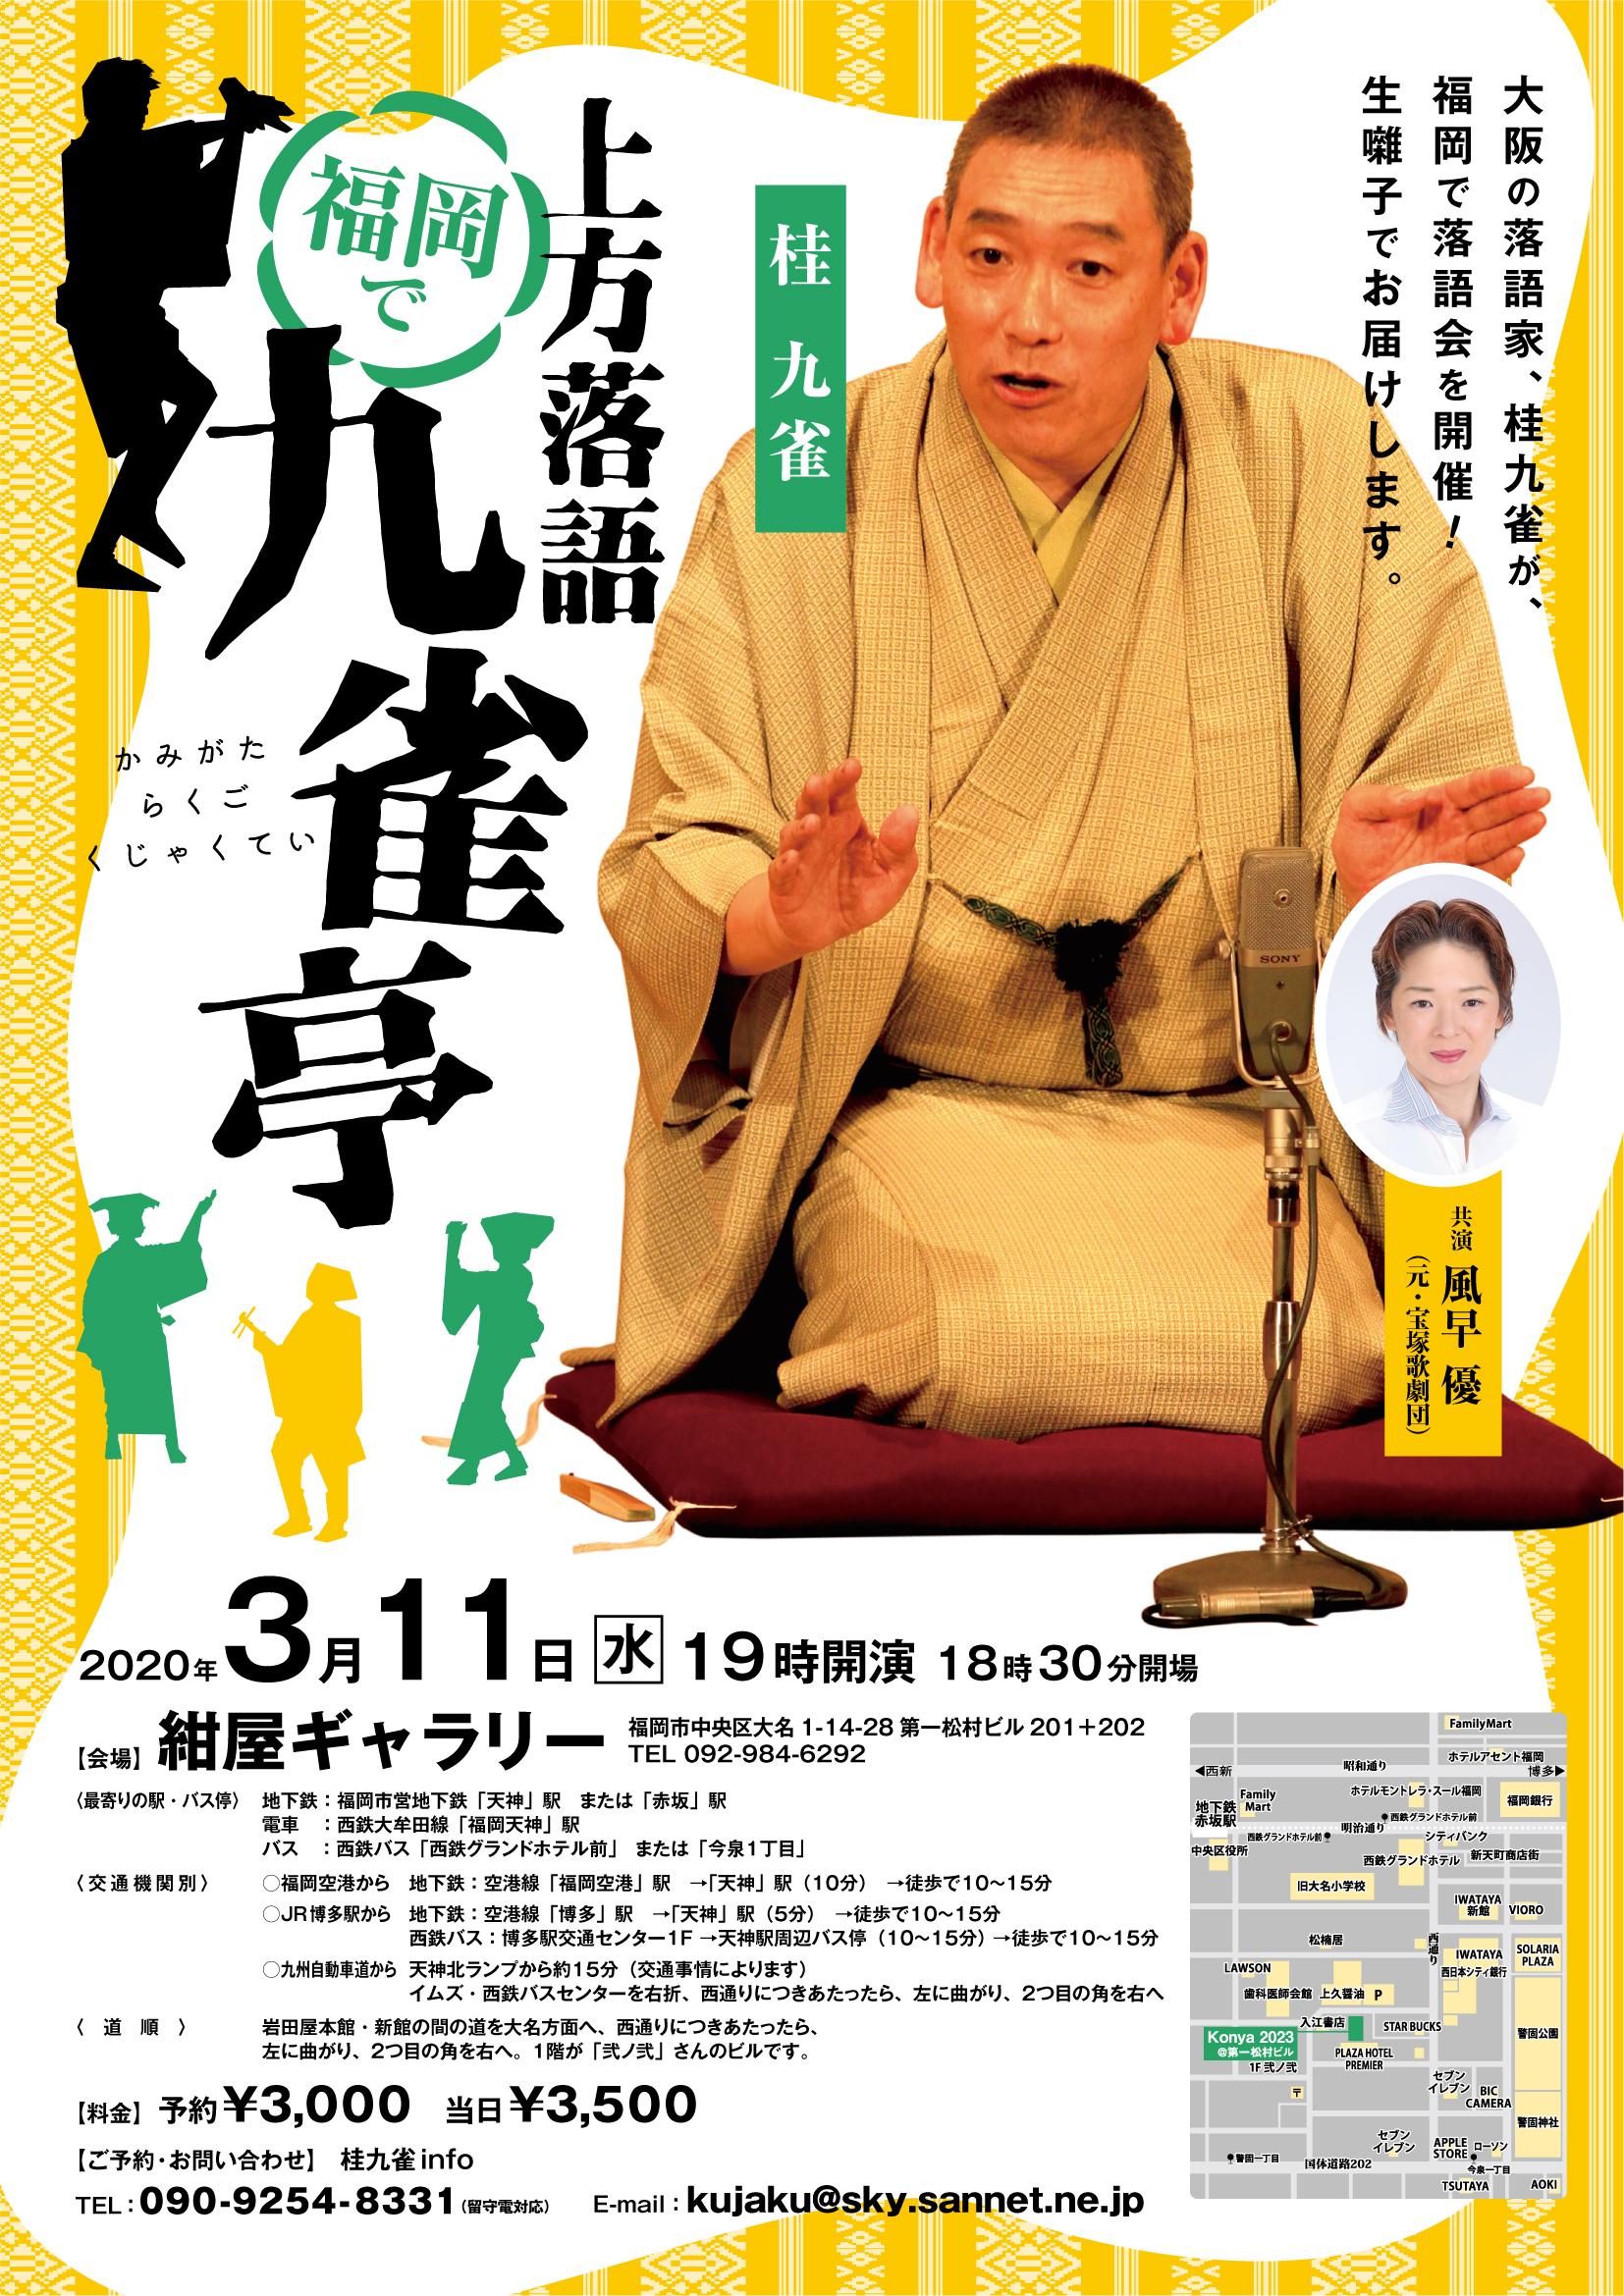 kujyakutei_fukuoka_tira200311_200105-01